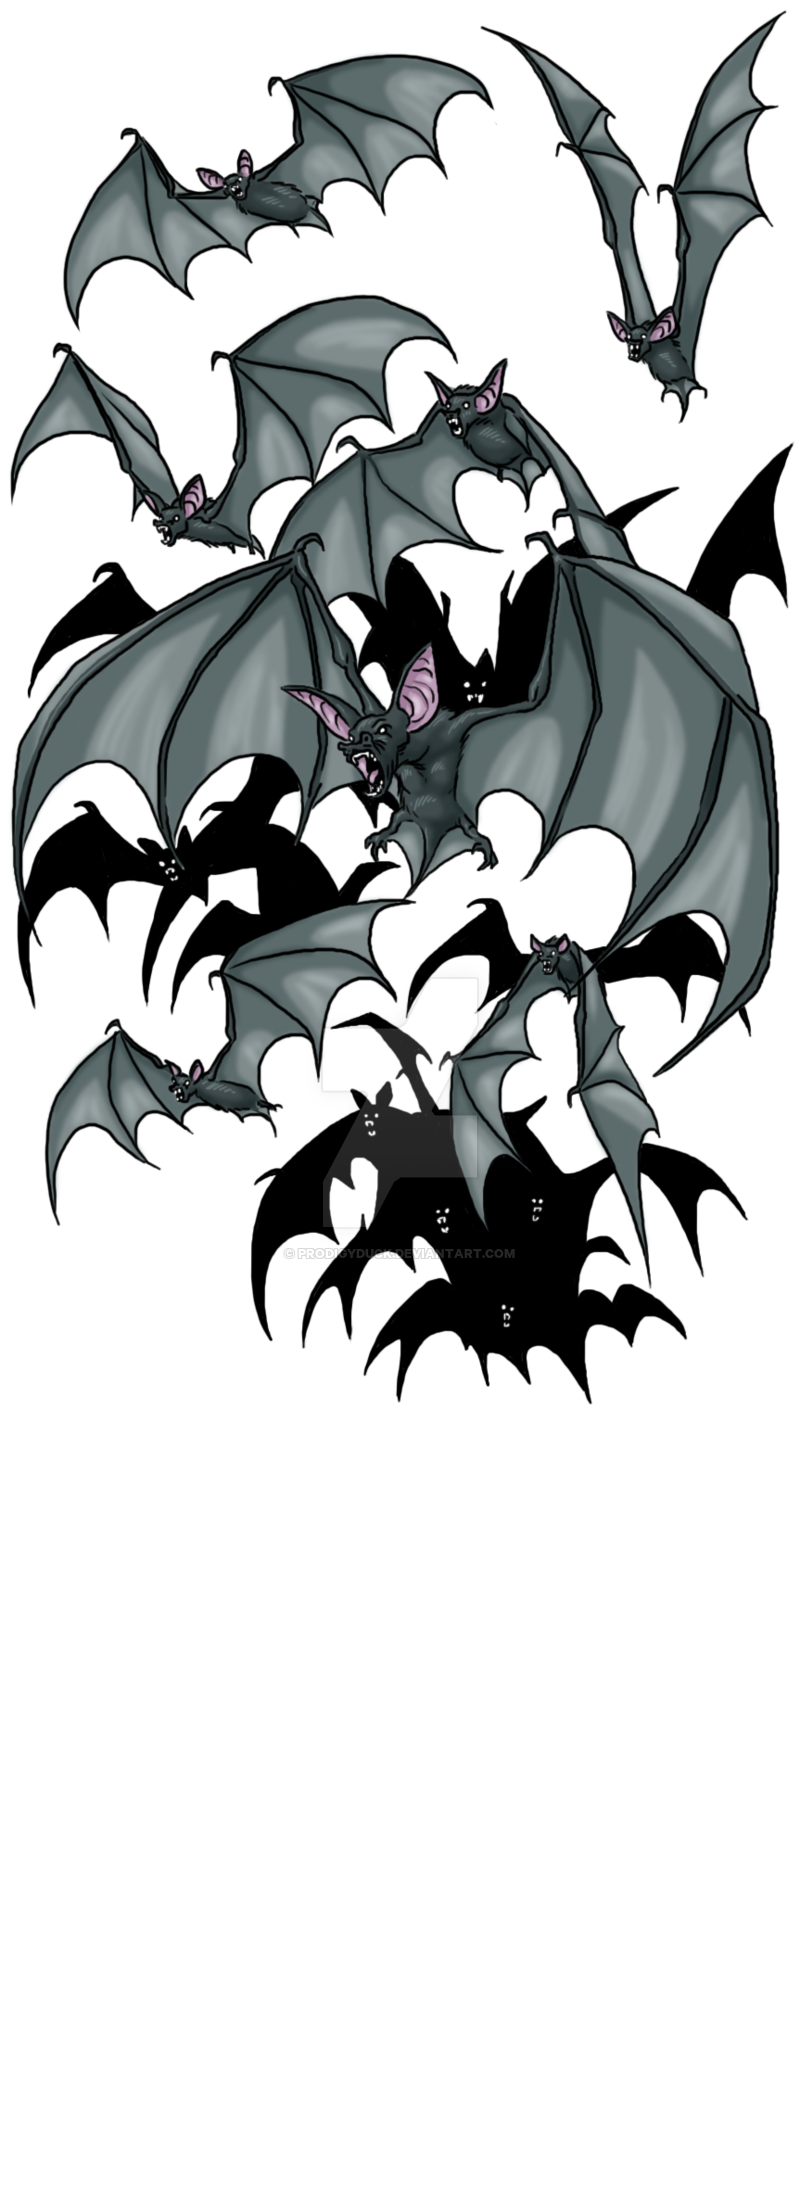 Bat Swarm By Prodigyduck On Deviantart Bat Art Scary Bat Vampire Art